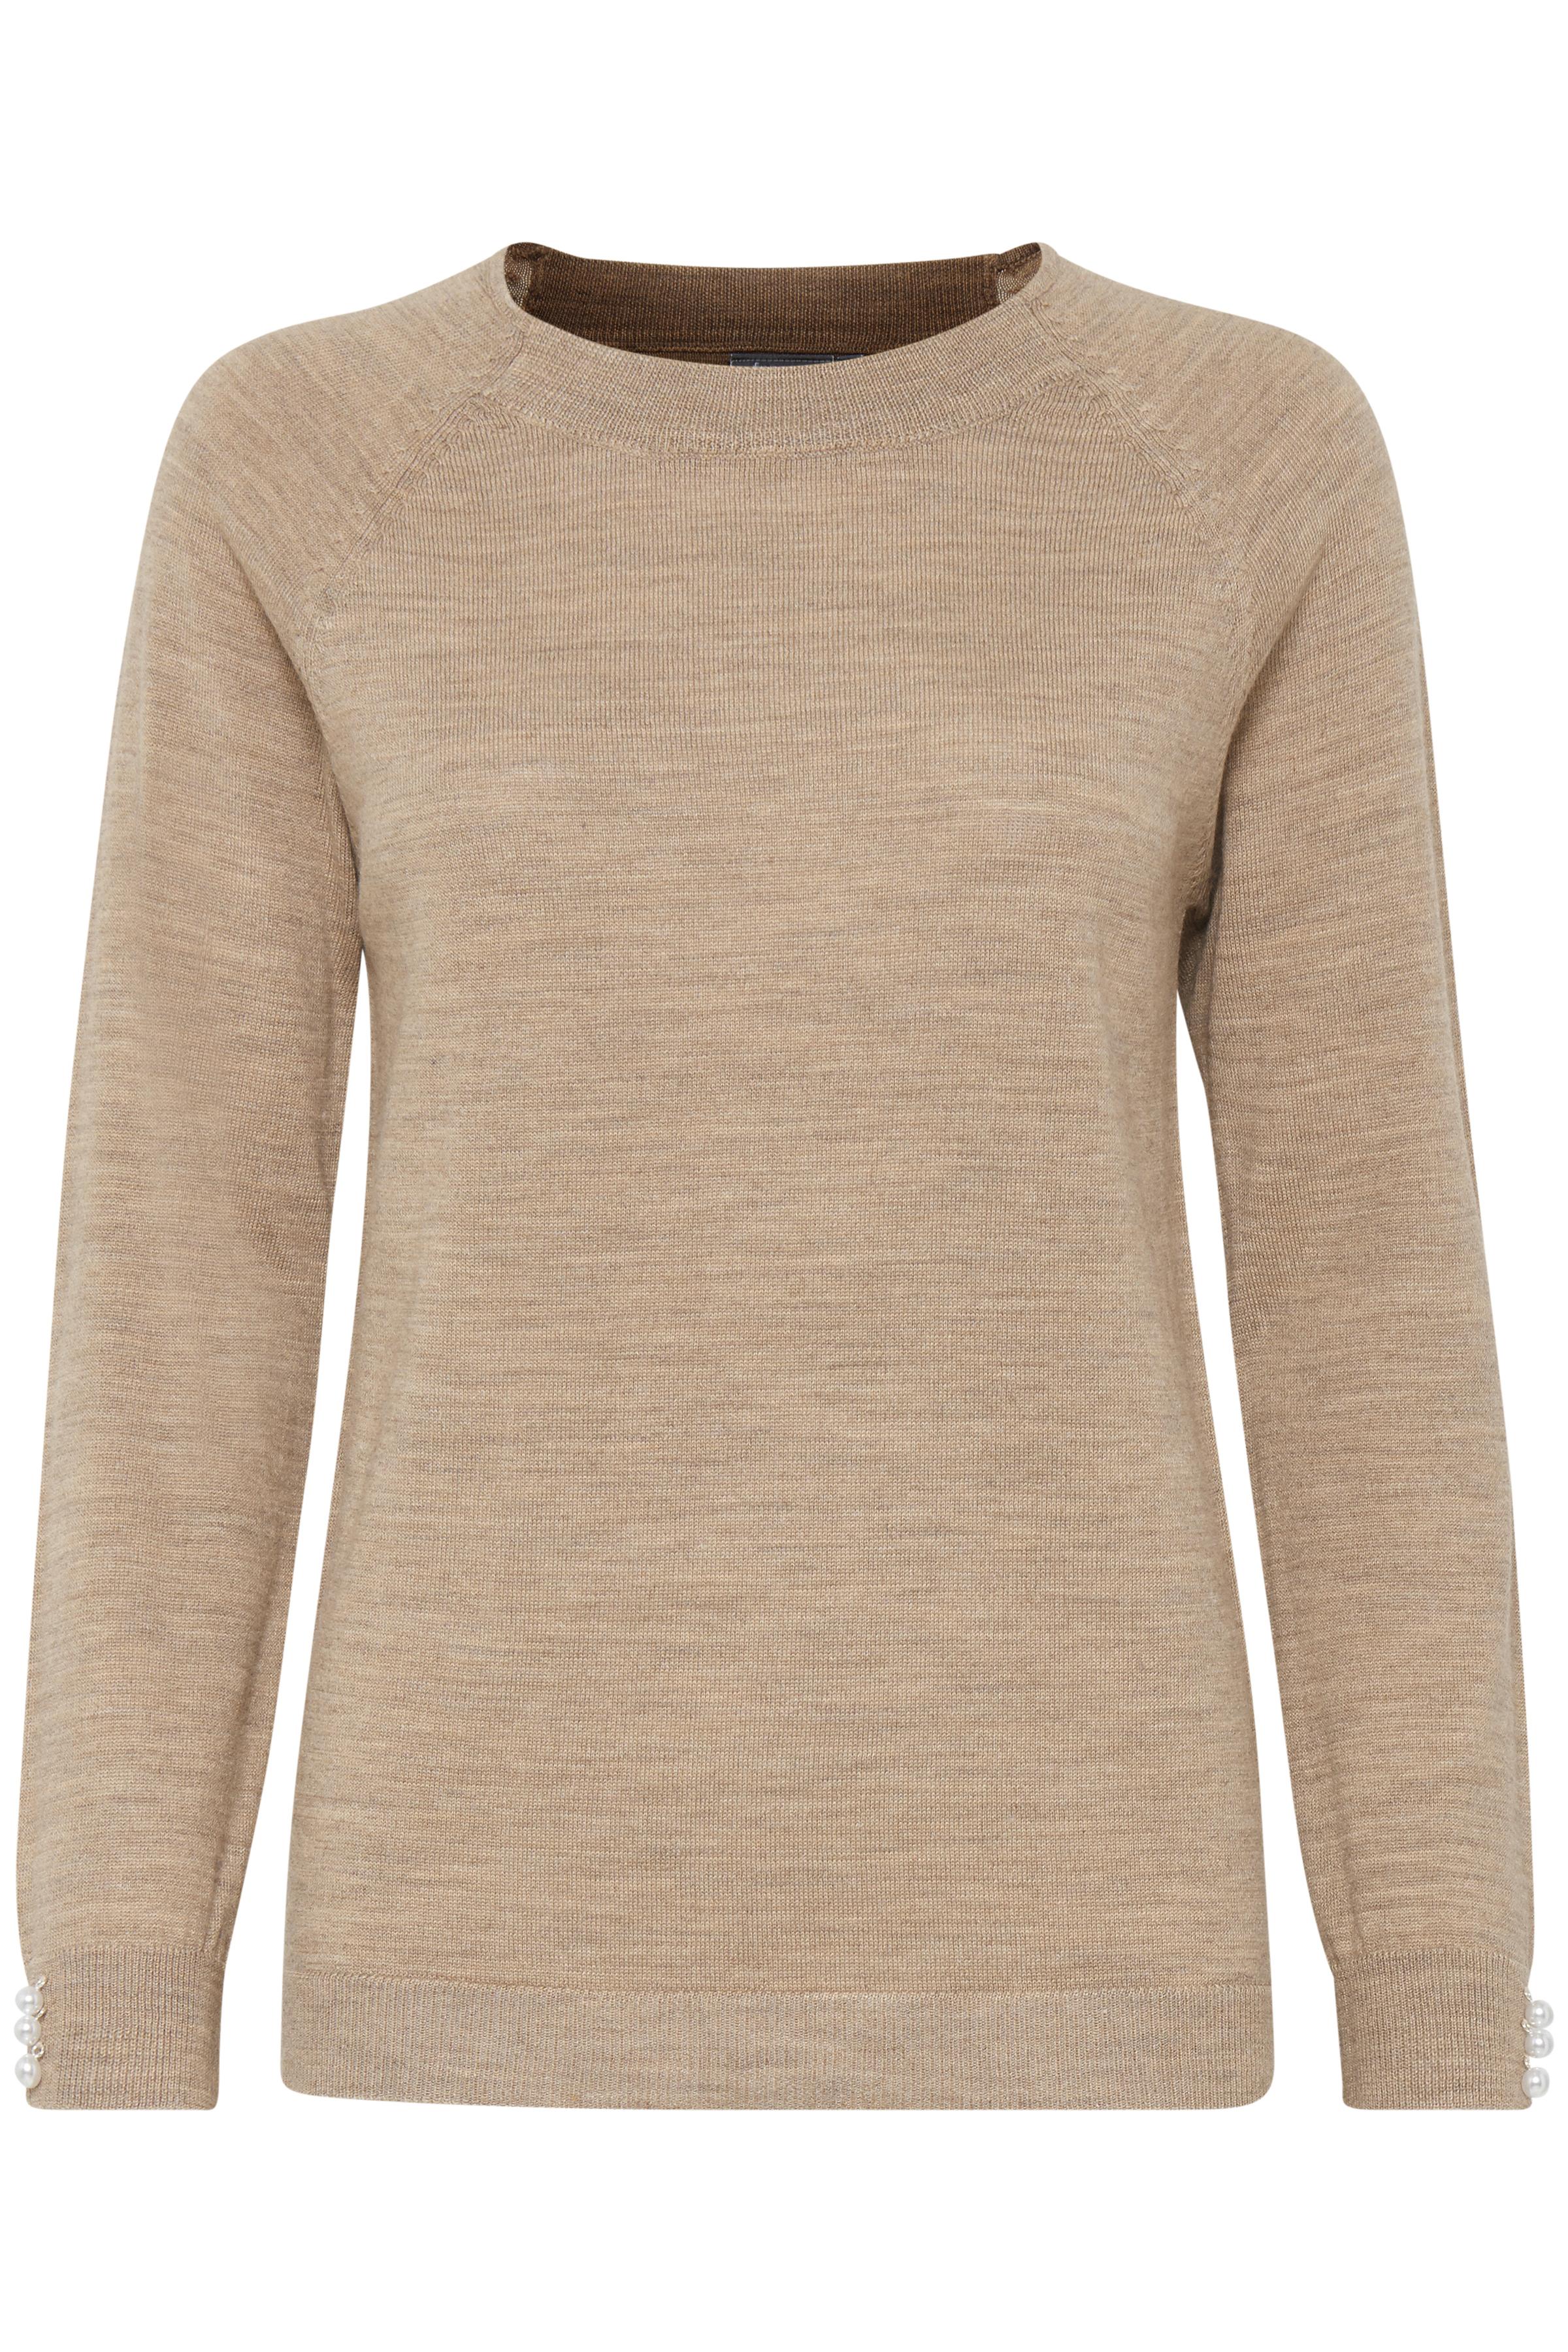 Sandmelerad Stickad pullover från Fransa – Köp Sandmelerad Stickad pullover från stl. XS-XXL här